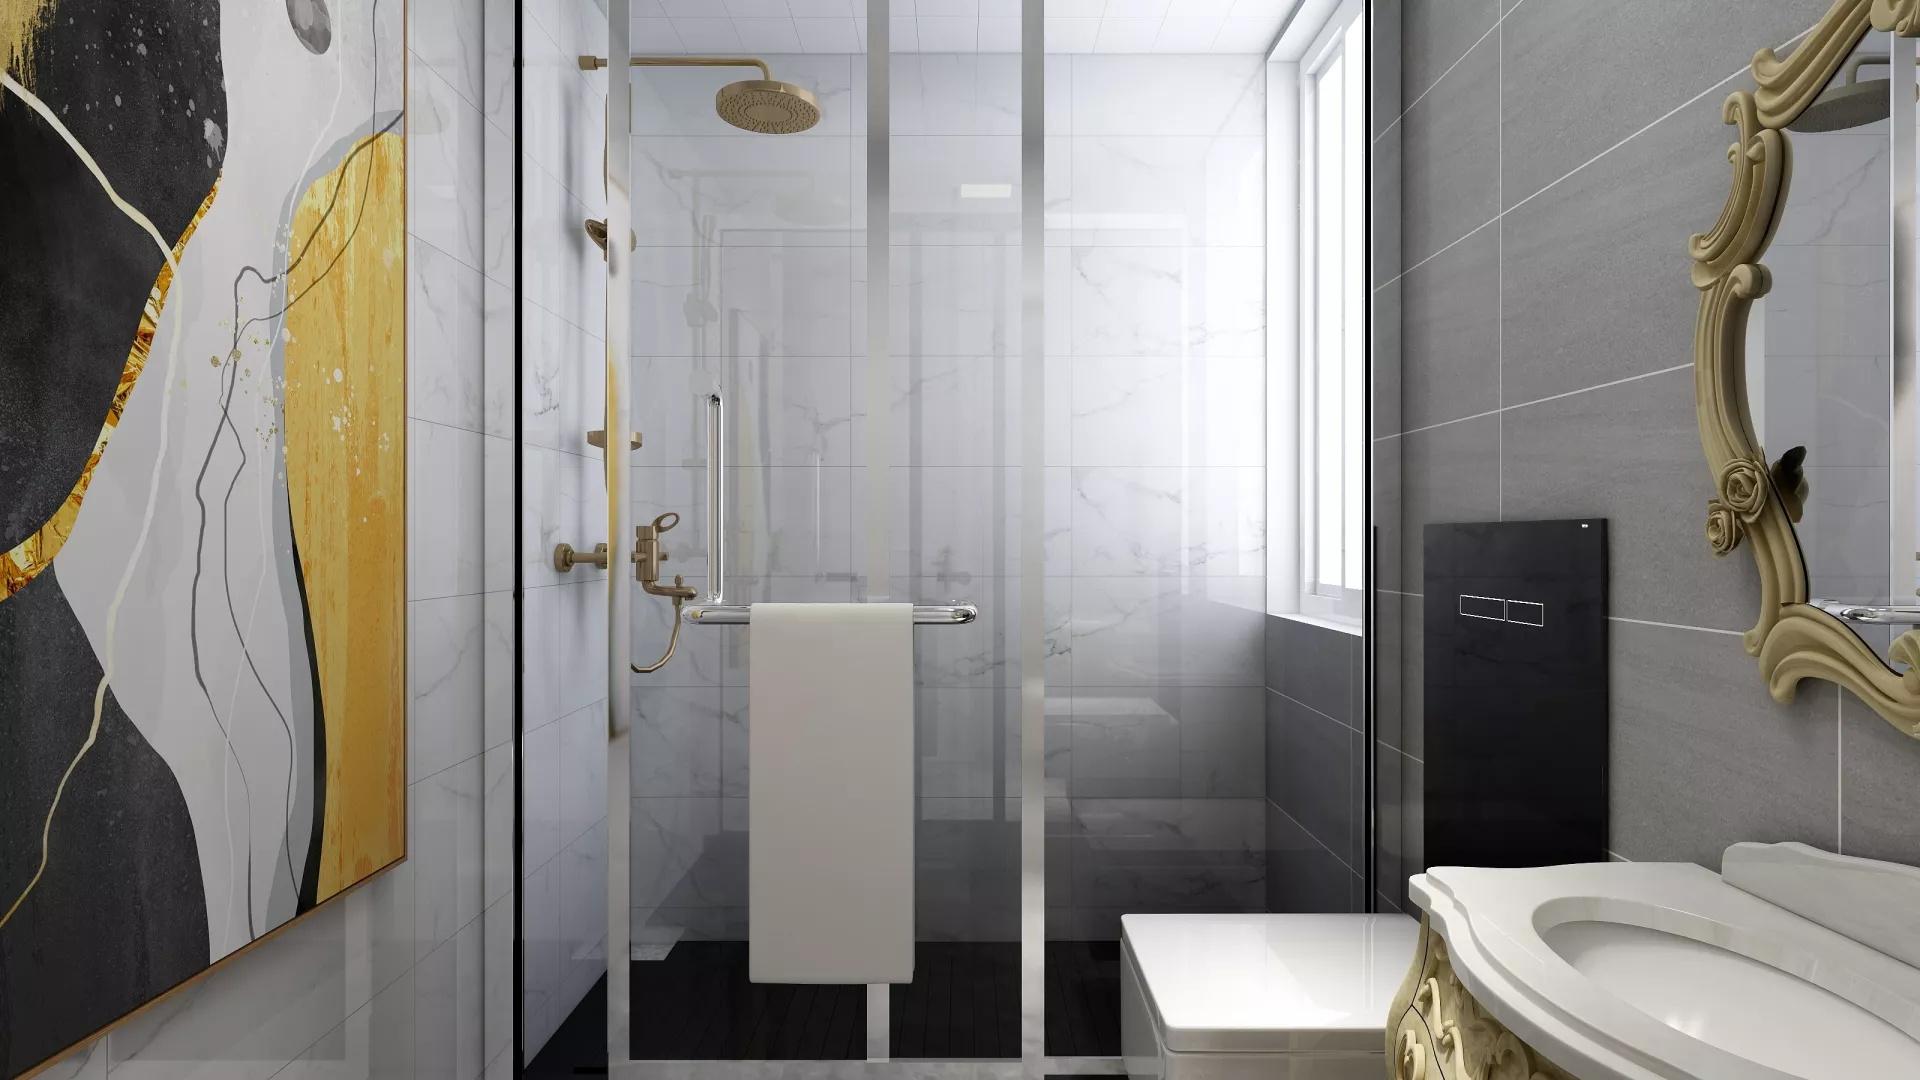 120平米精装房富裕大气型卧室装修效果图